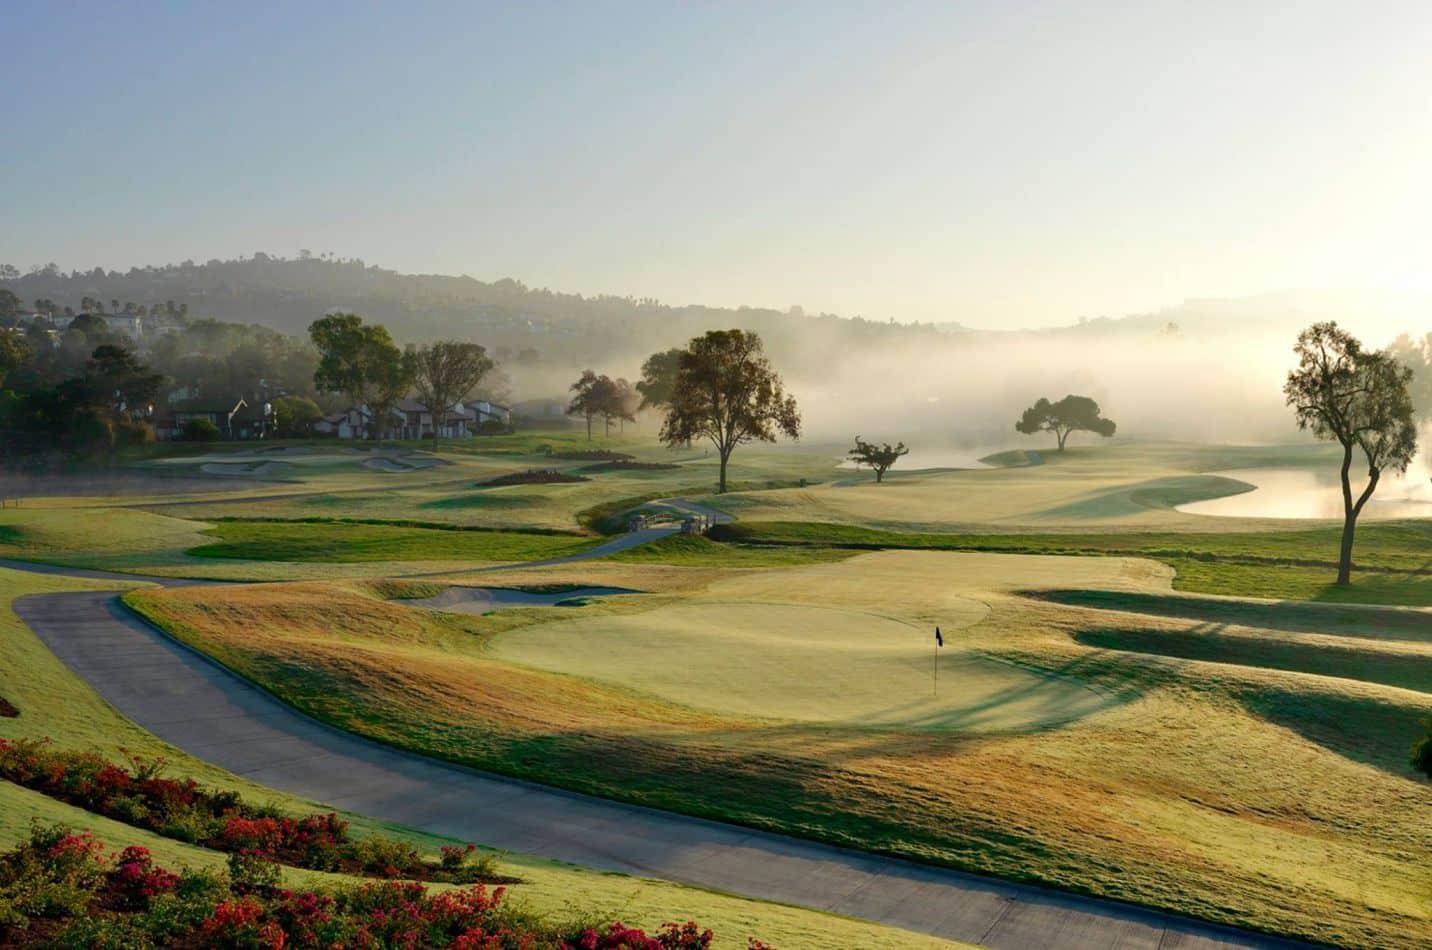 la-costa-golf-course-28